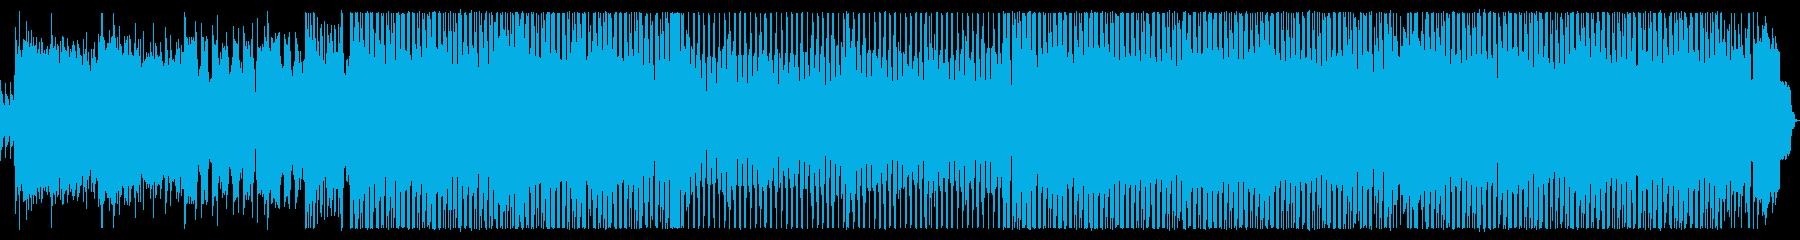 80年代ロックギターヒーロー的なインストの再生済みの波形